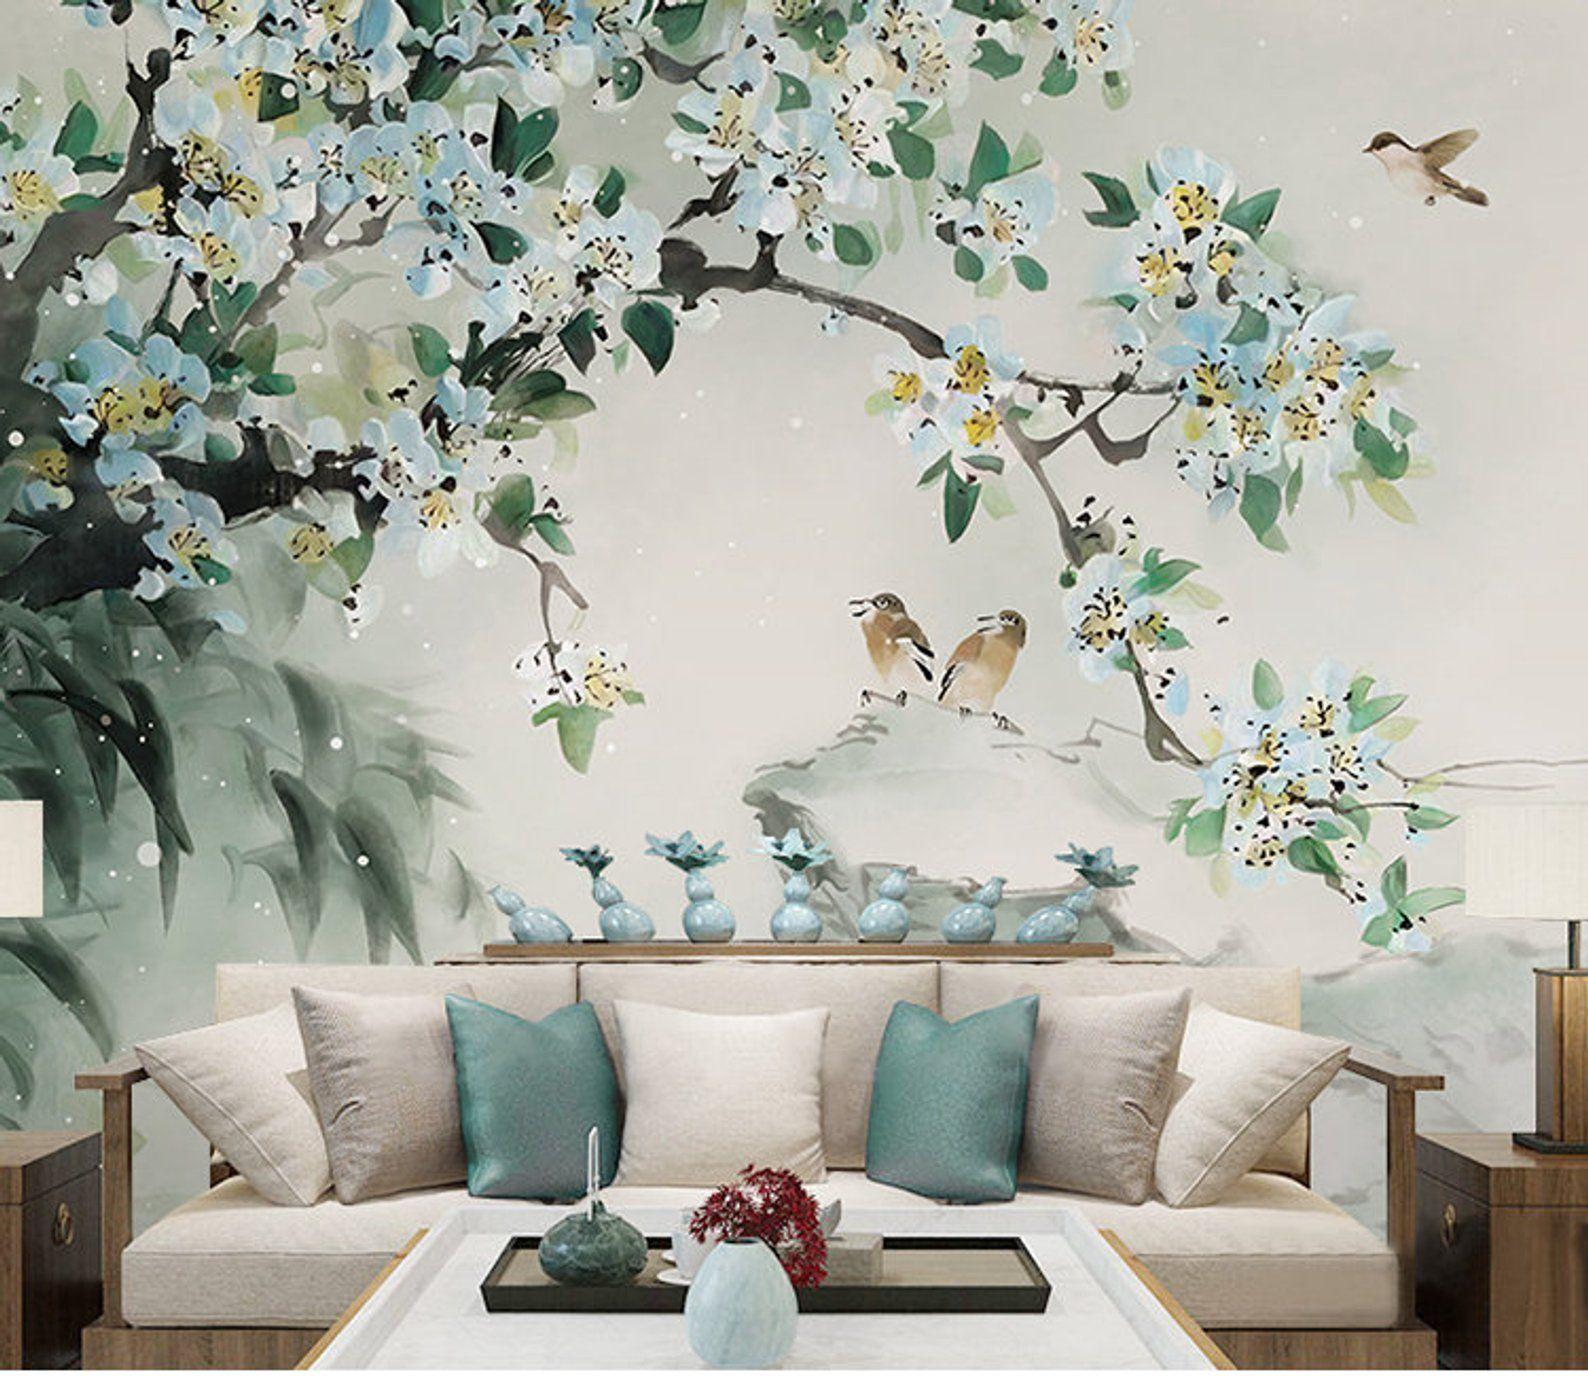 Oriental Ink Painting Wallpaper Wall Mural Flowers Birds